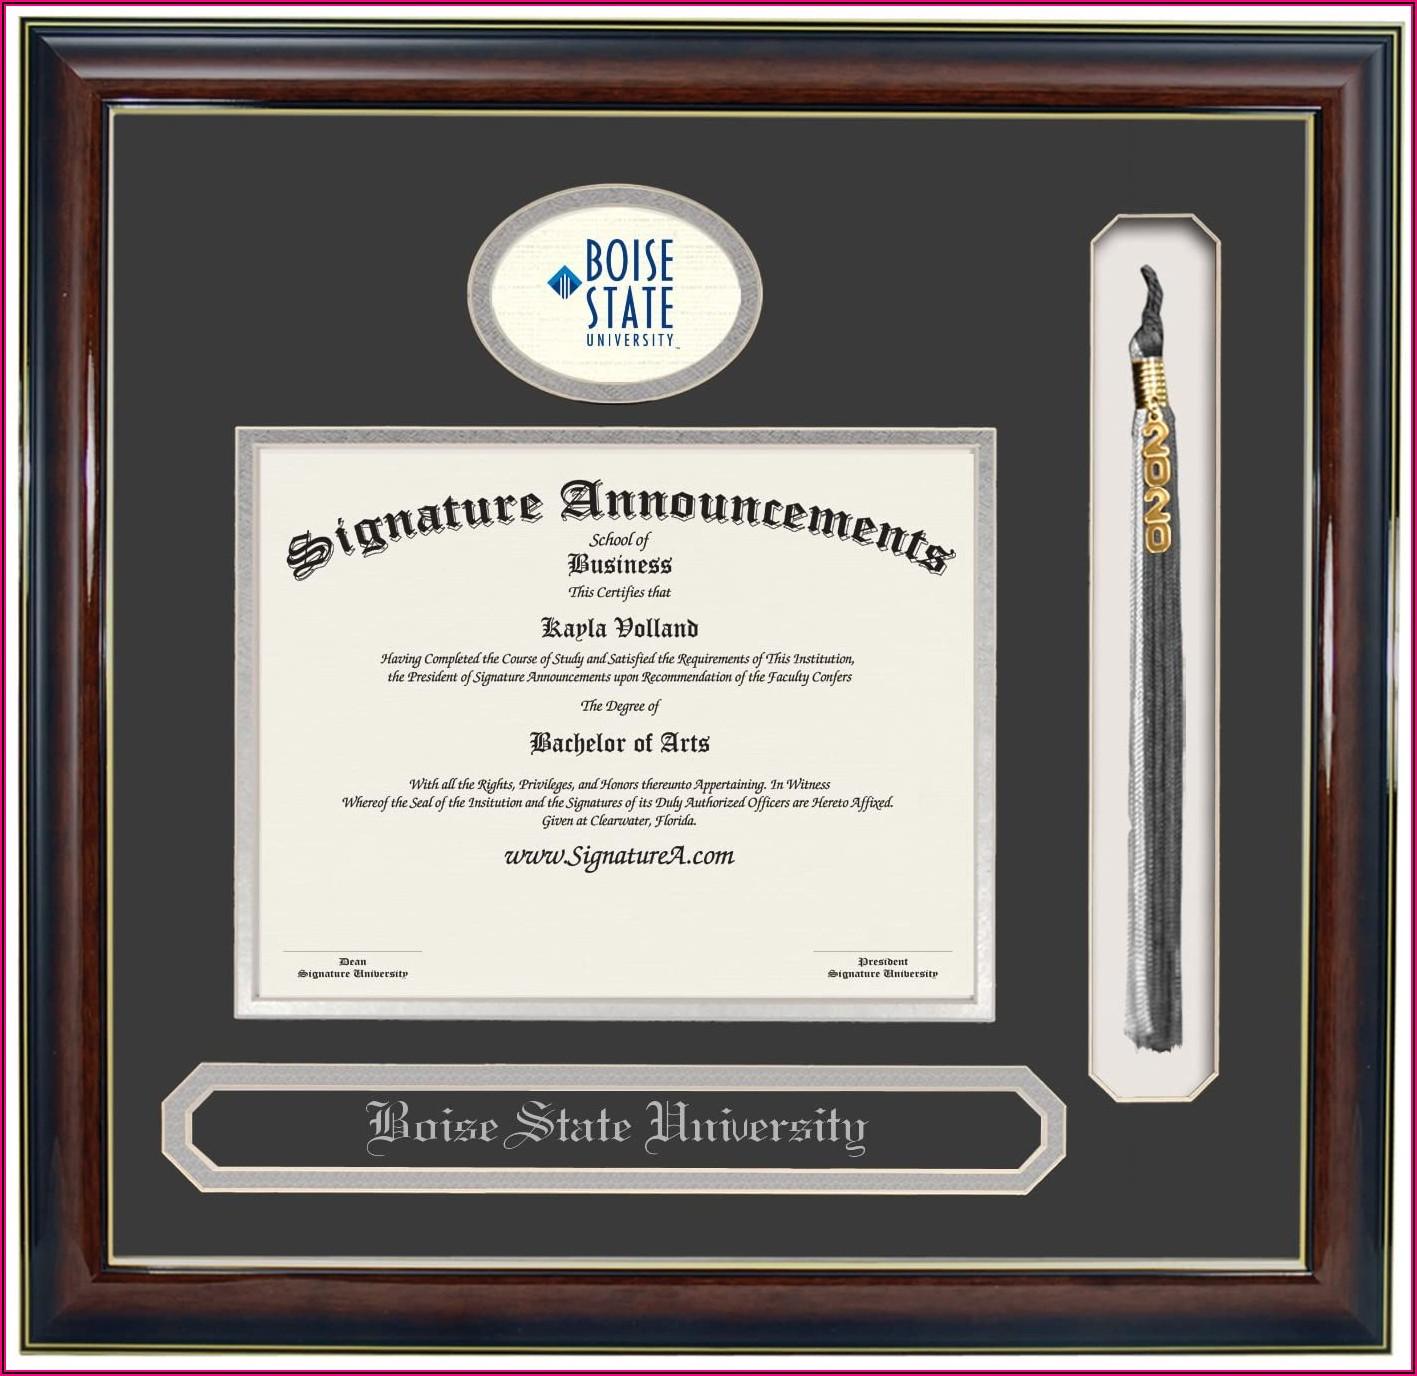 Boise State University Graduation Announcements